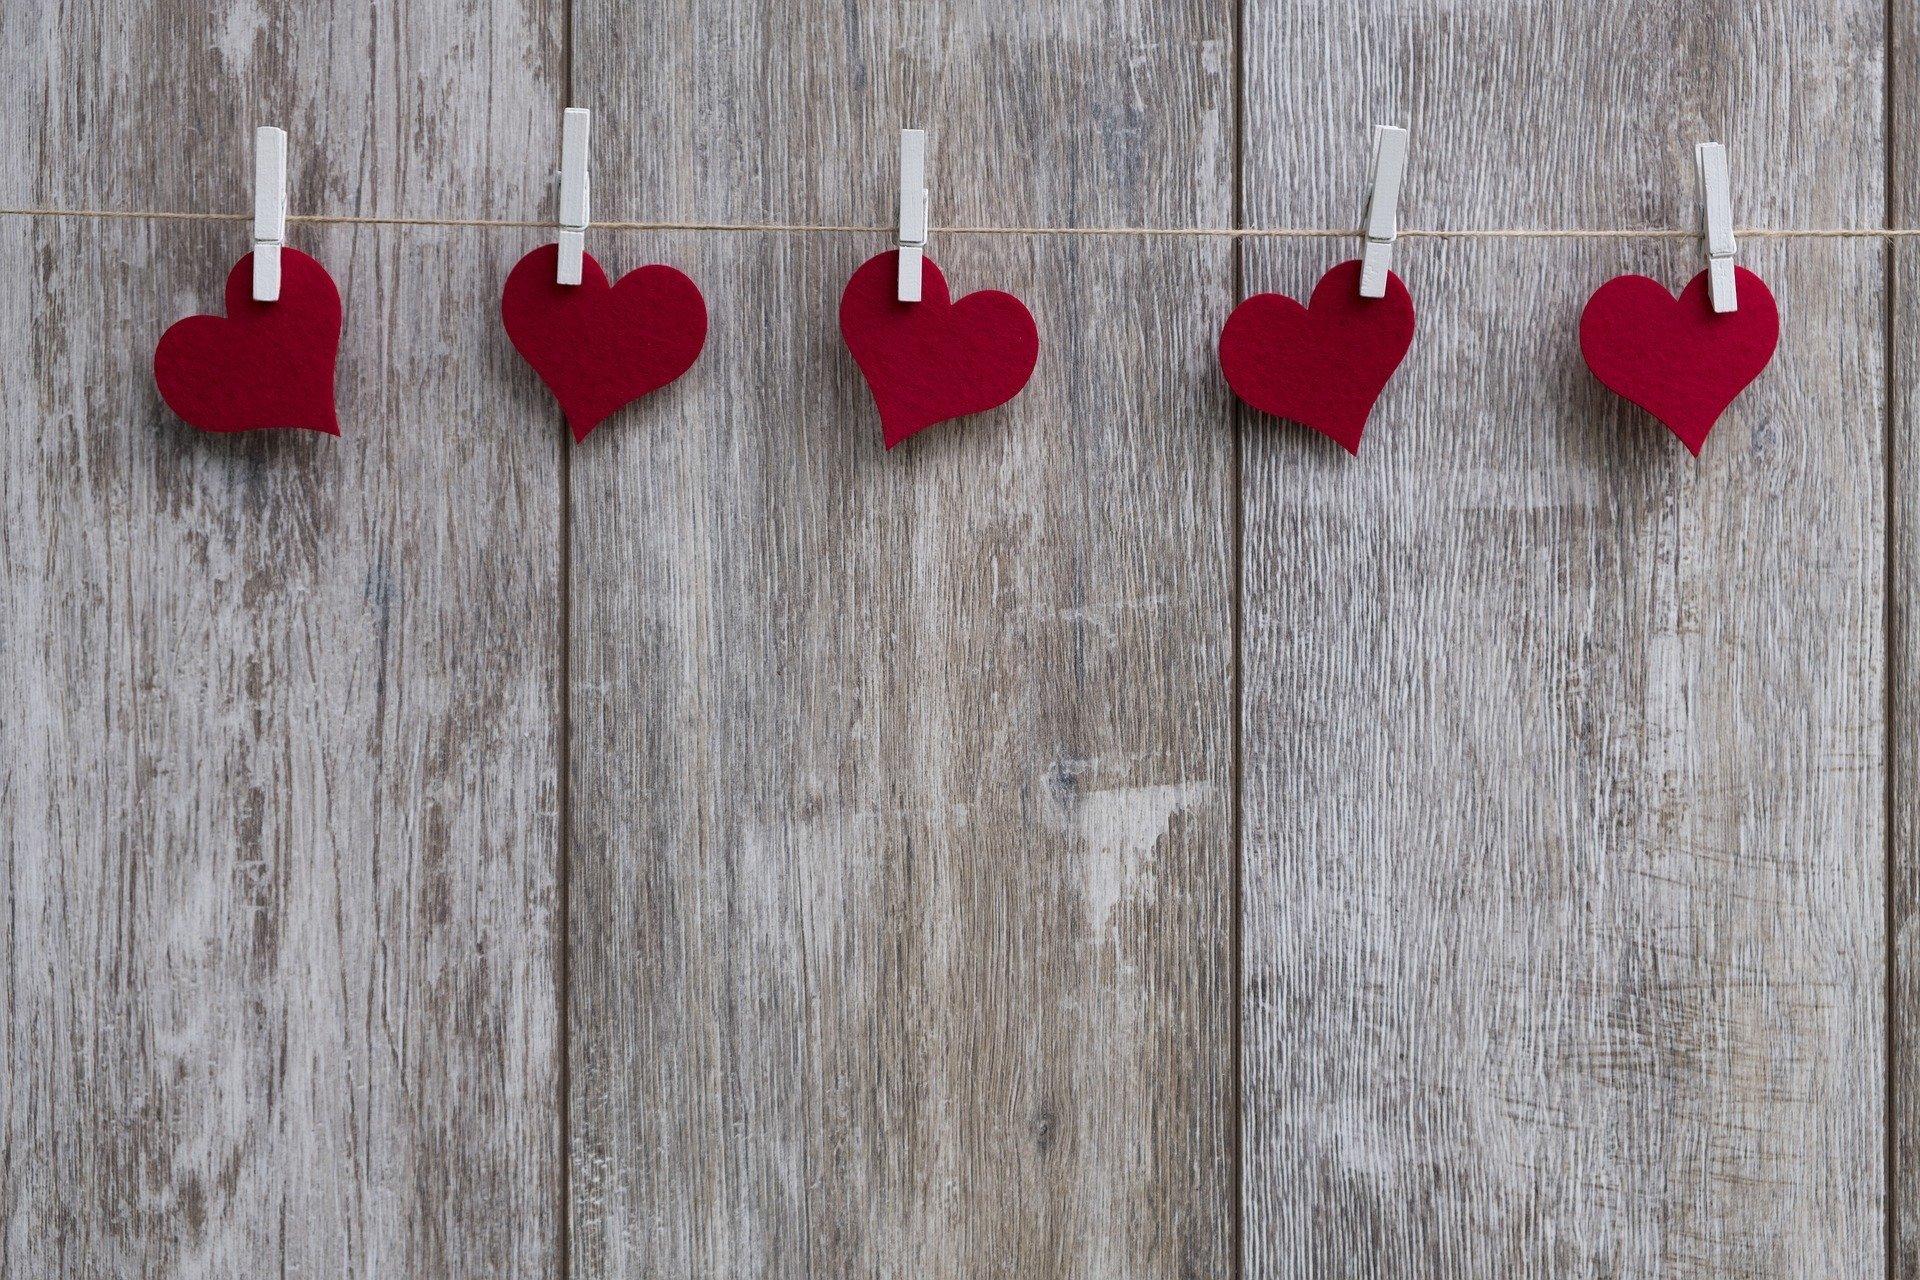 Warum Feiern Wir Valentinstag